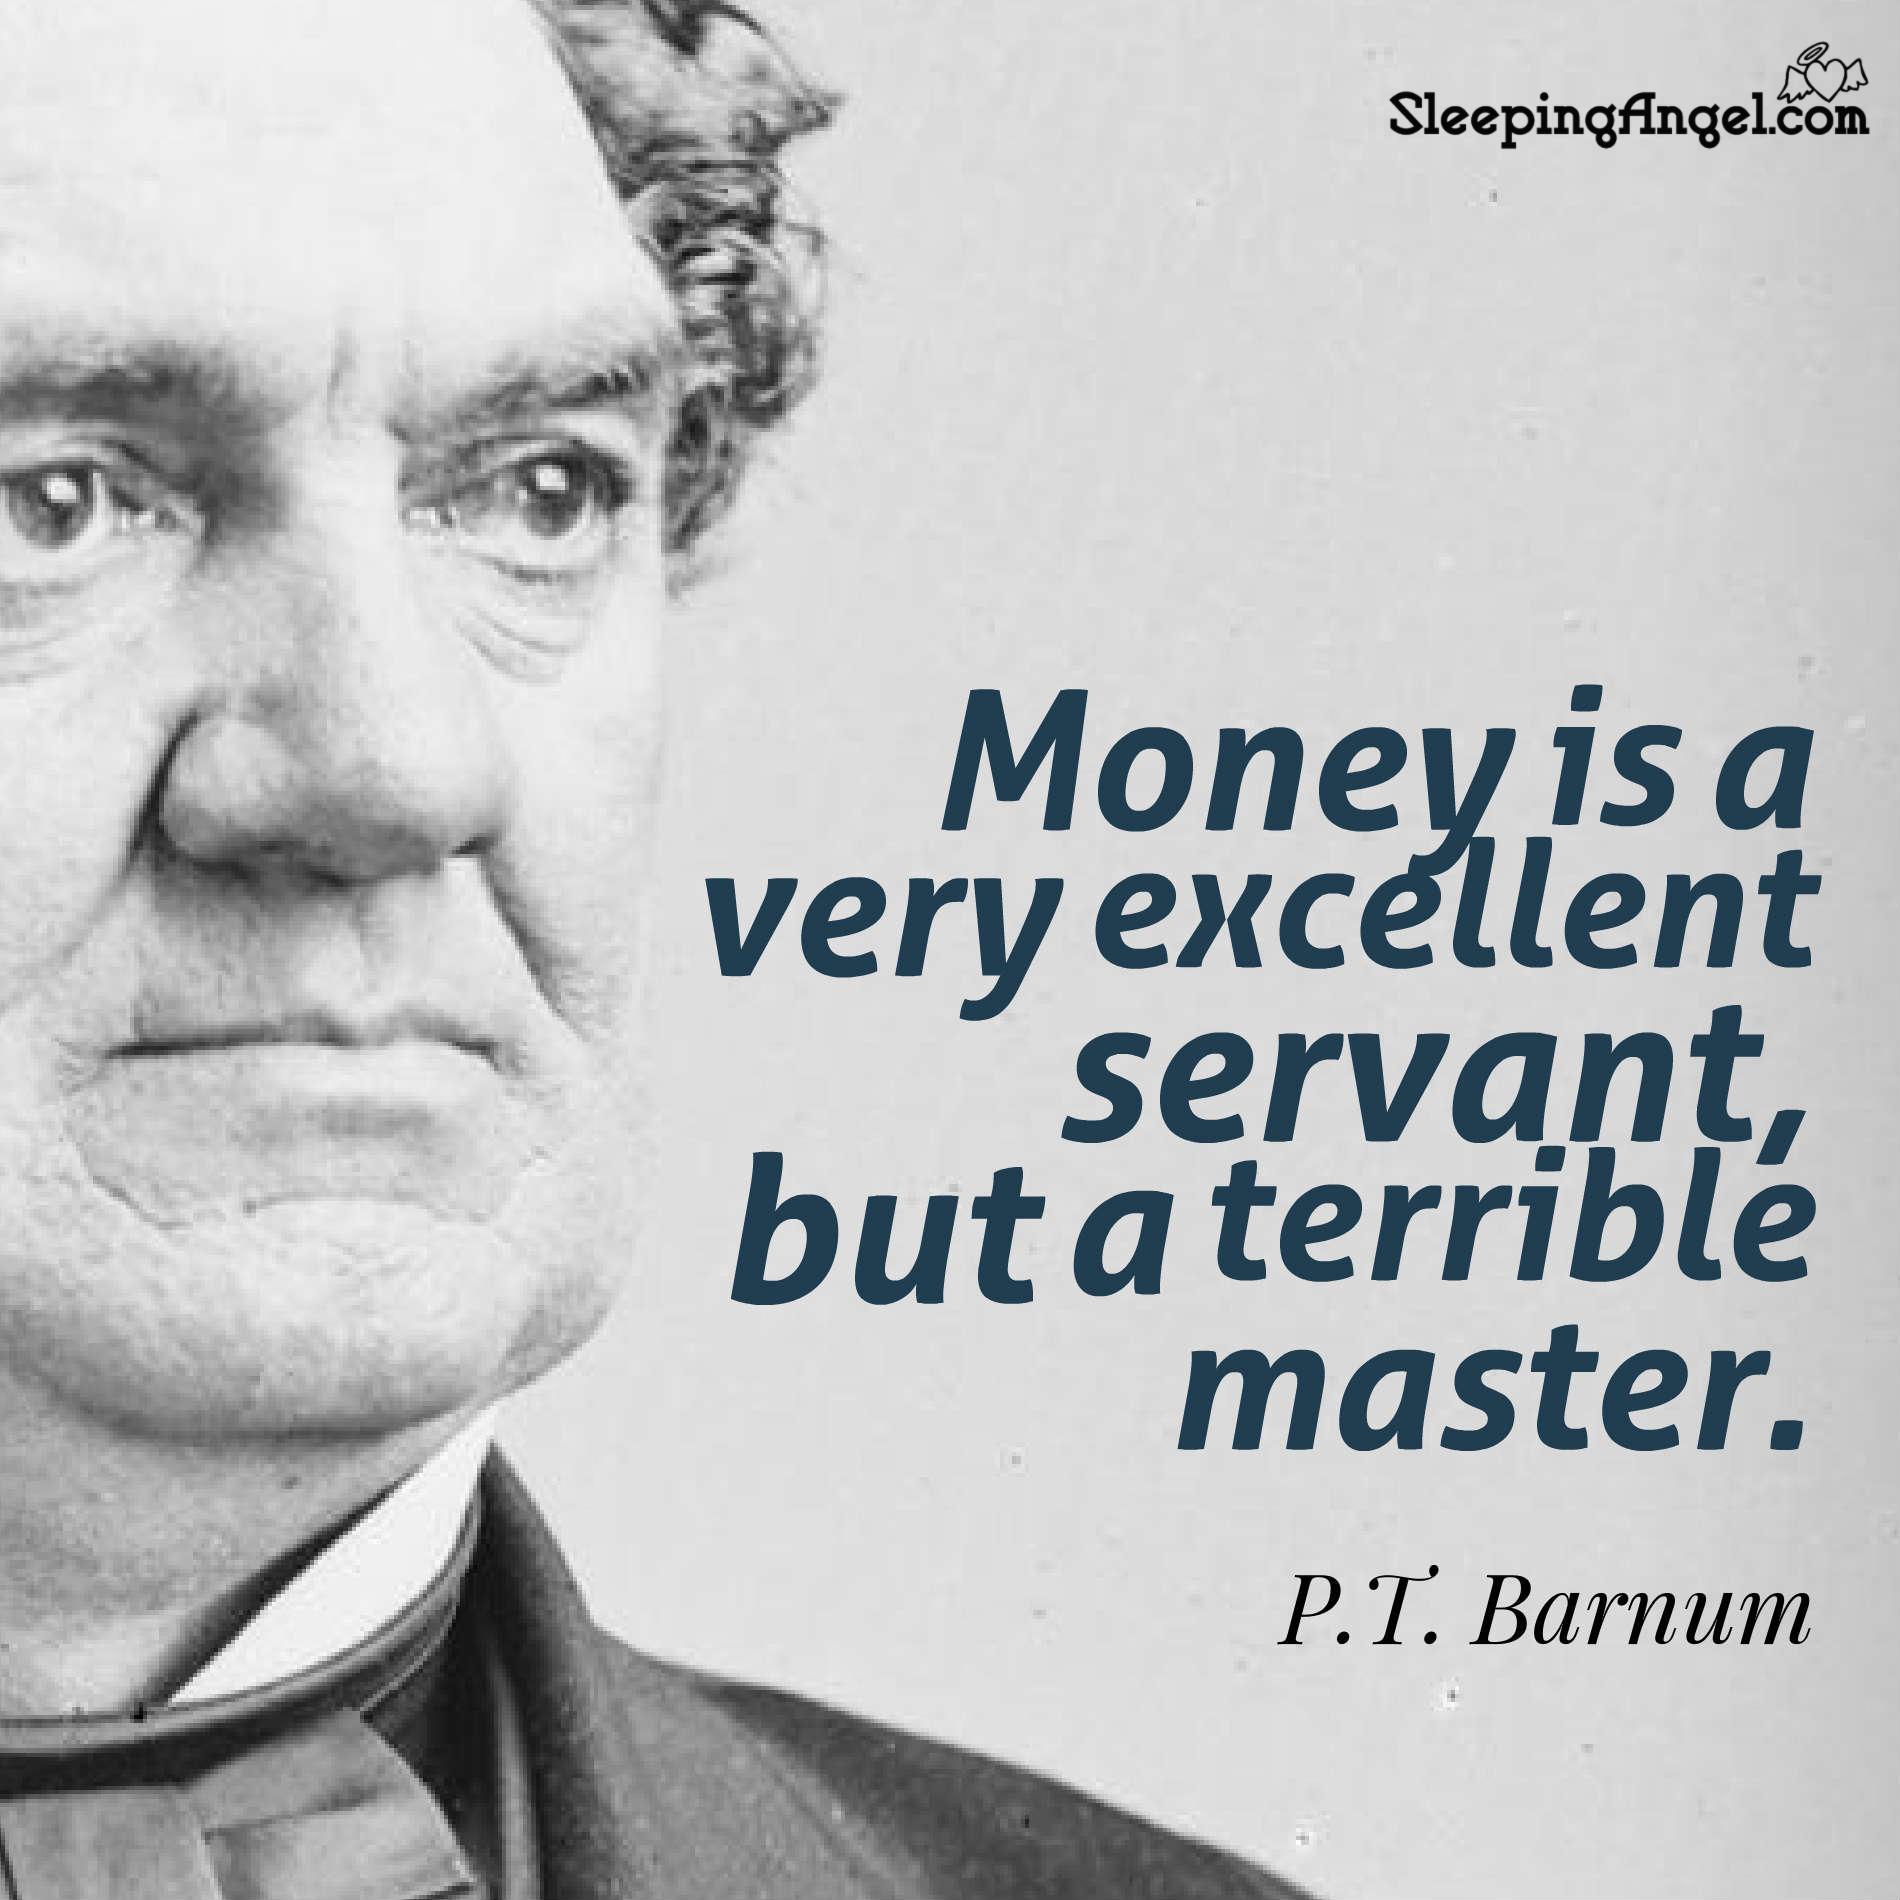 P.T. Barnum Quote